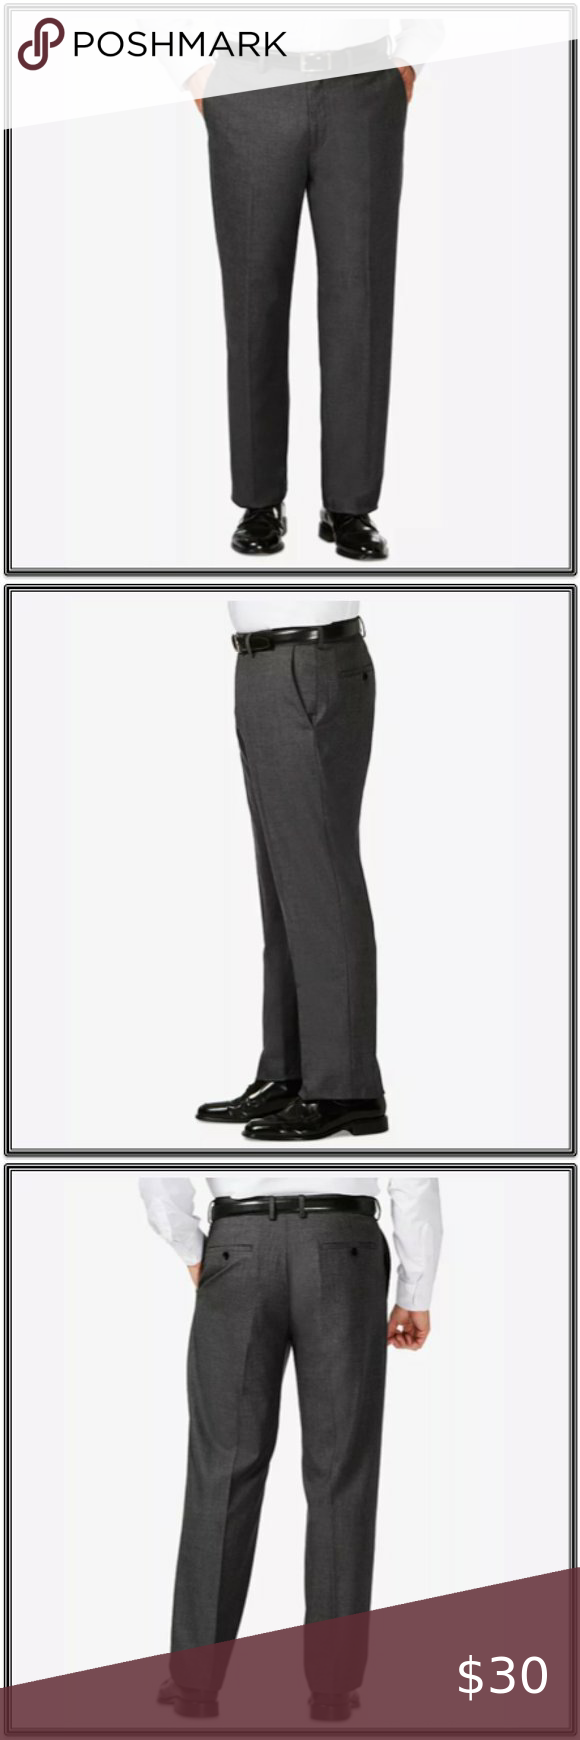 Jm Haggar Big And Tall Classic Fit Dress Pant Fitted Dress Pants Black Dress Pants Men Polyester Dress Pants [ 1740 x 580 Pixel ]